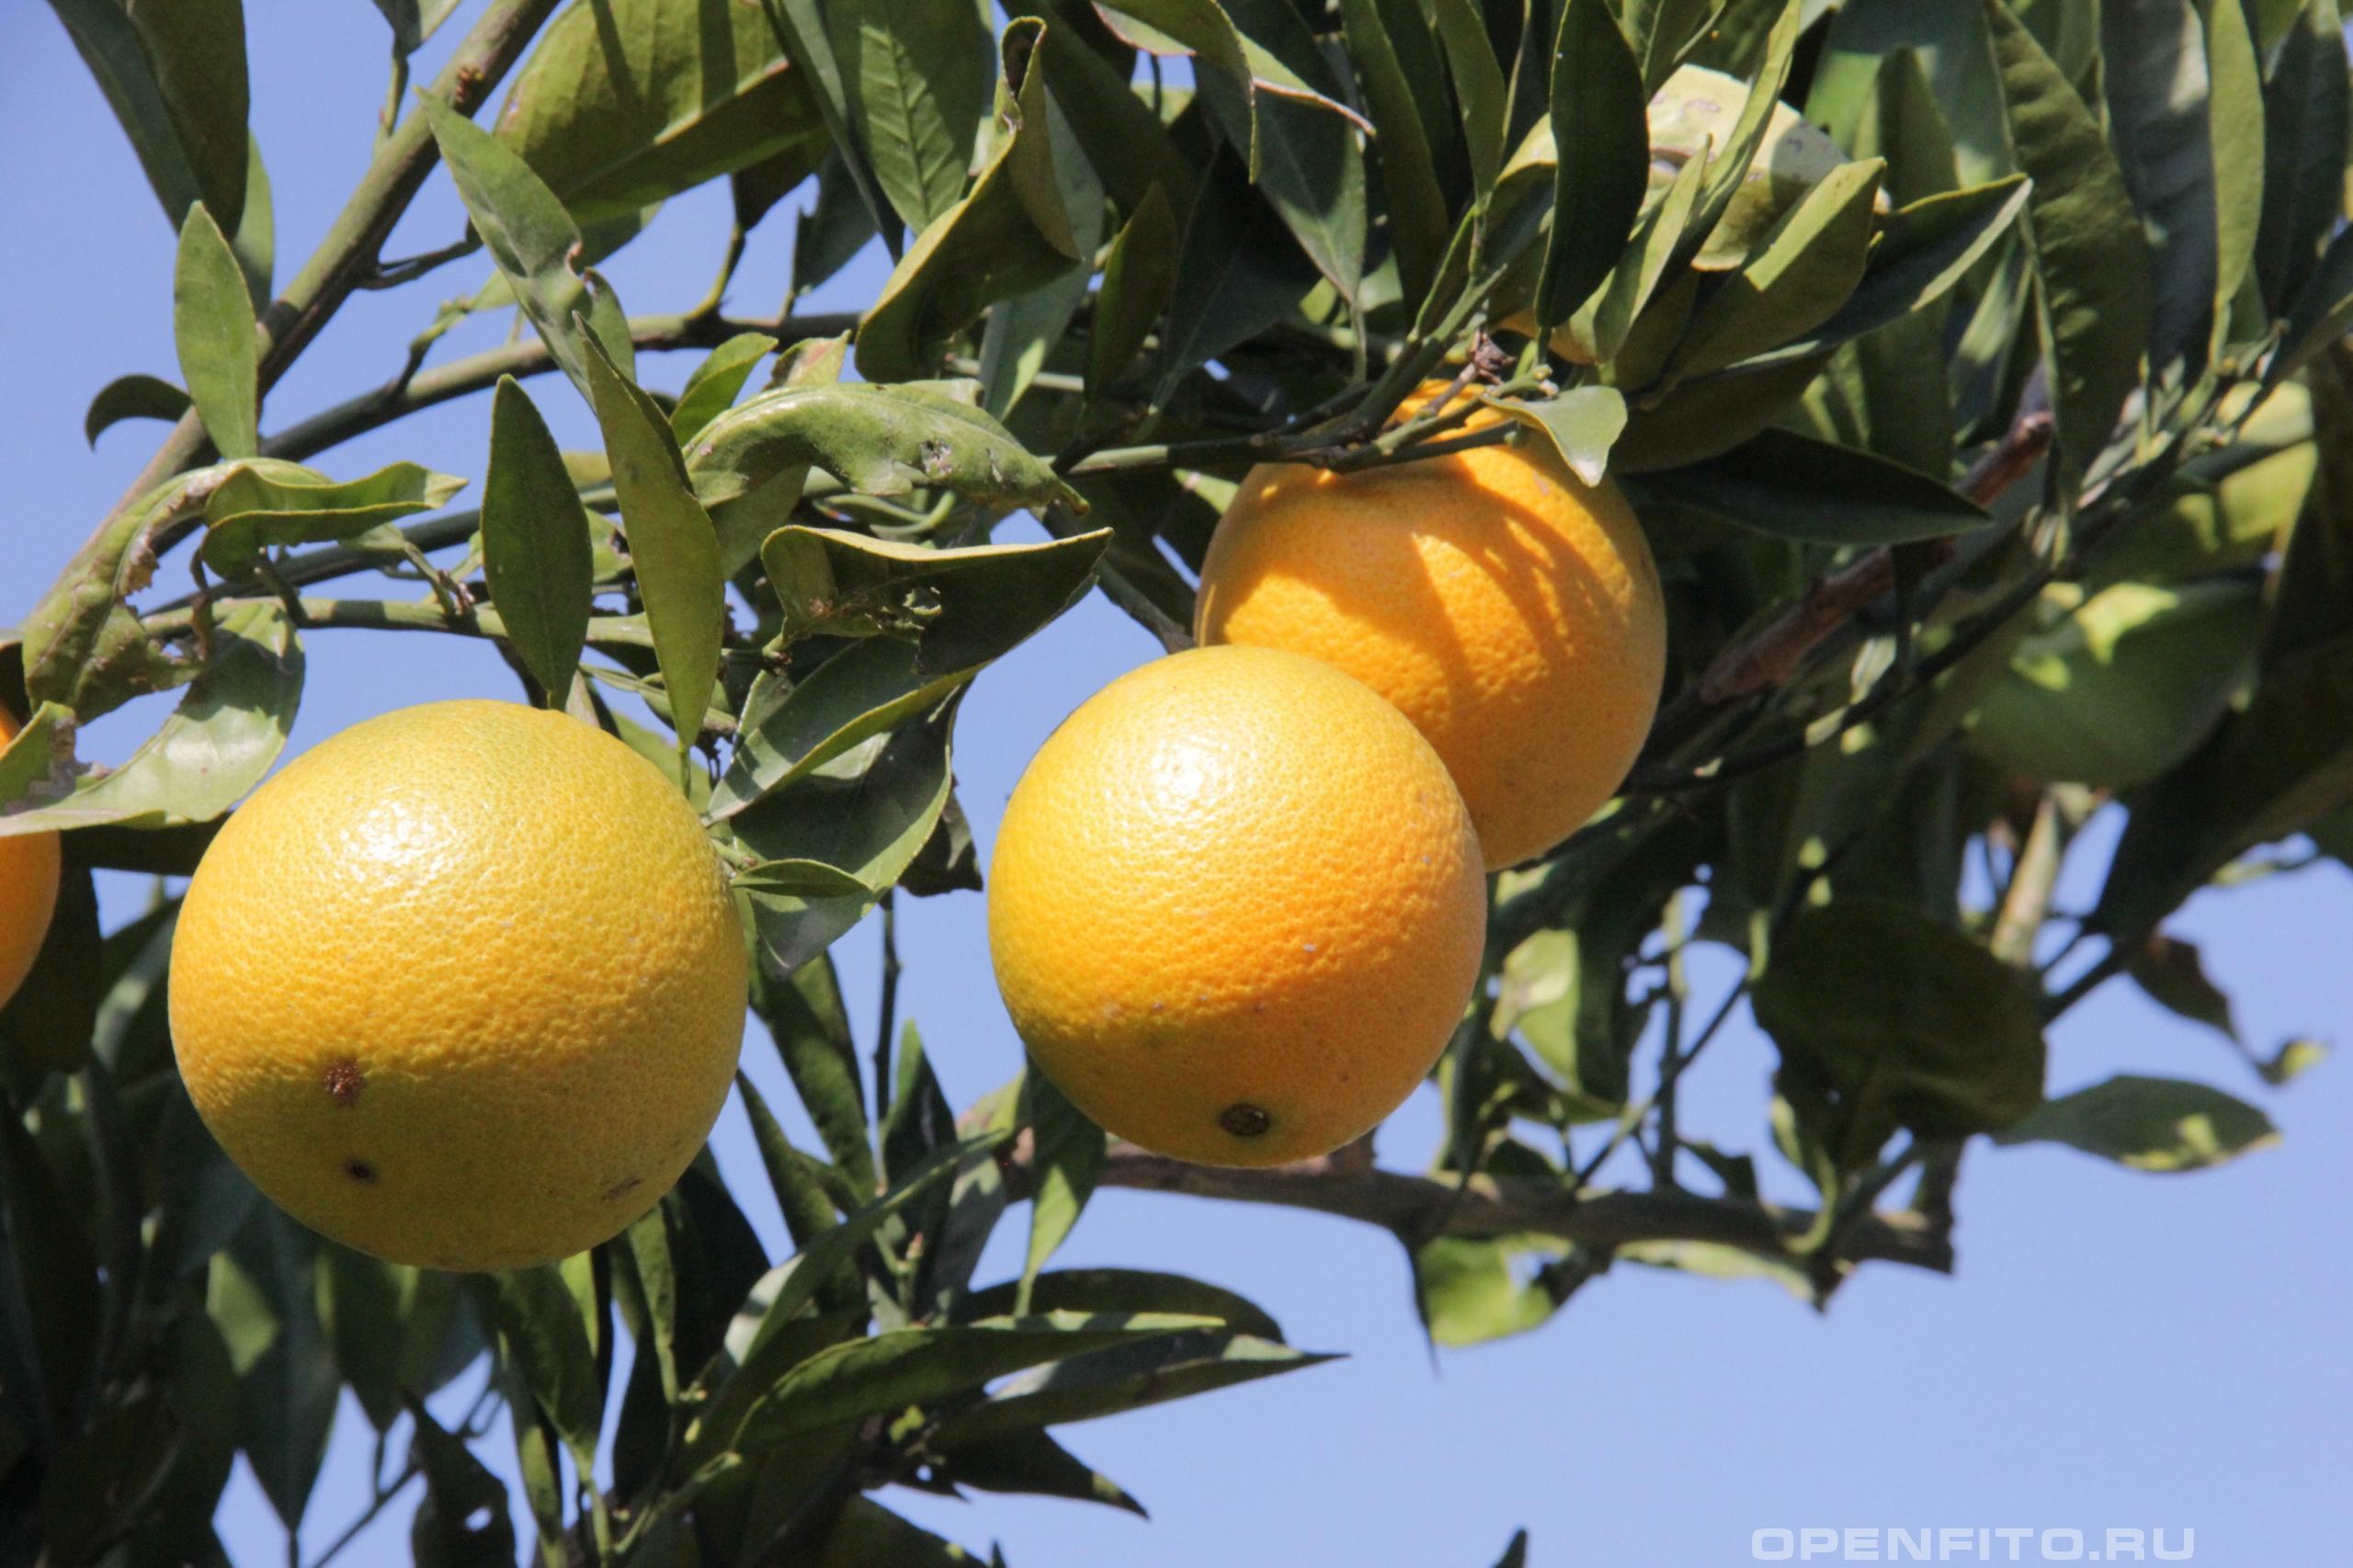 Апельсин сладкий или цитрус сладкий